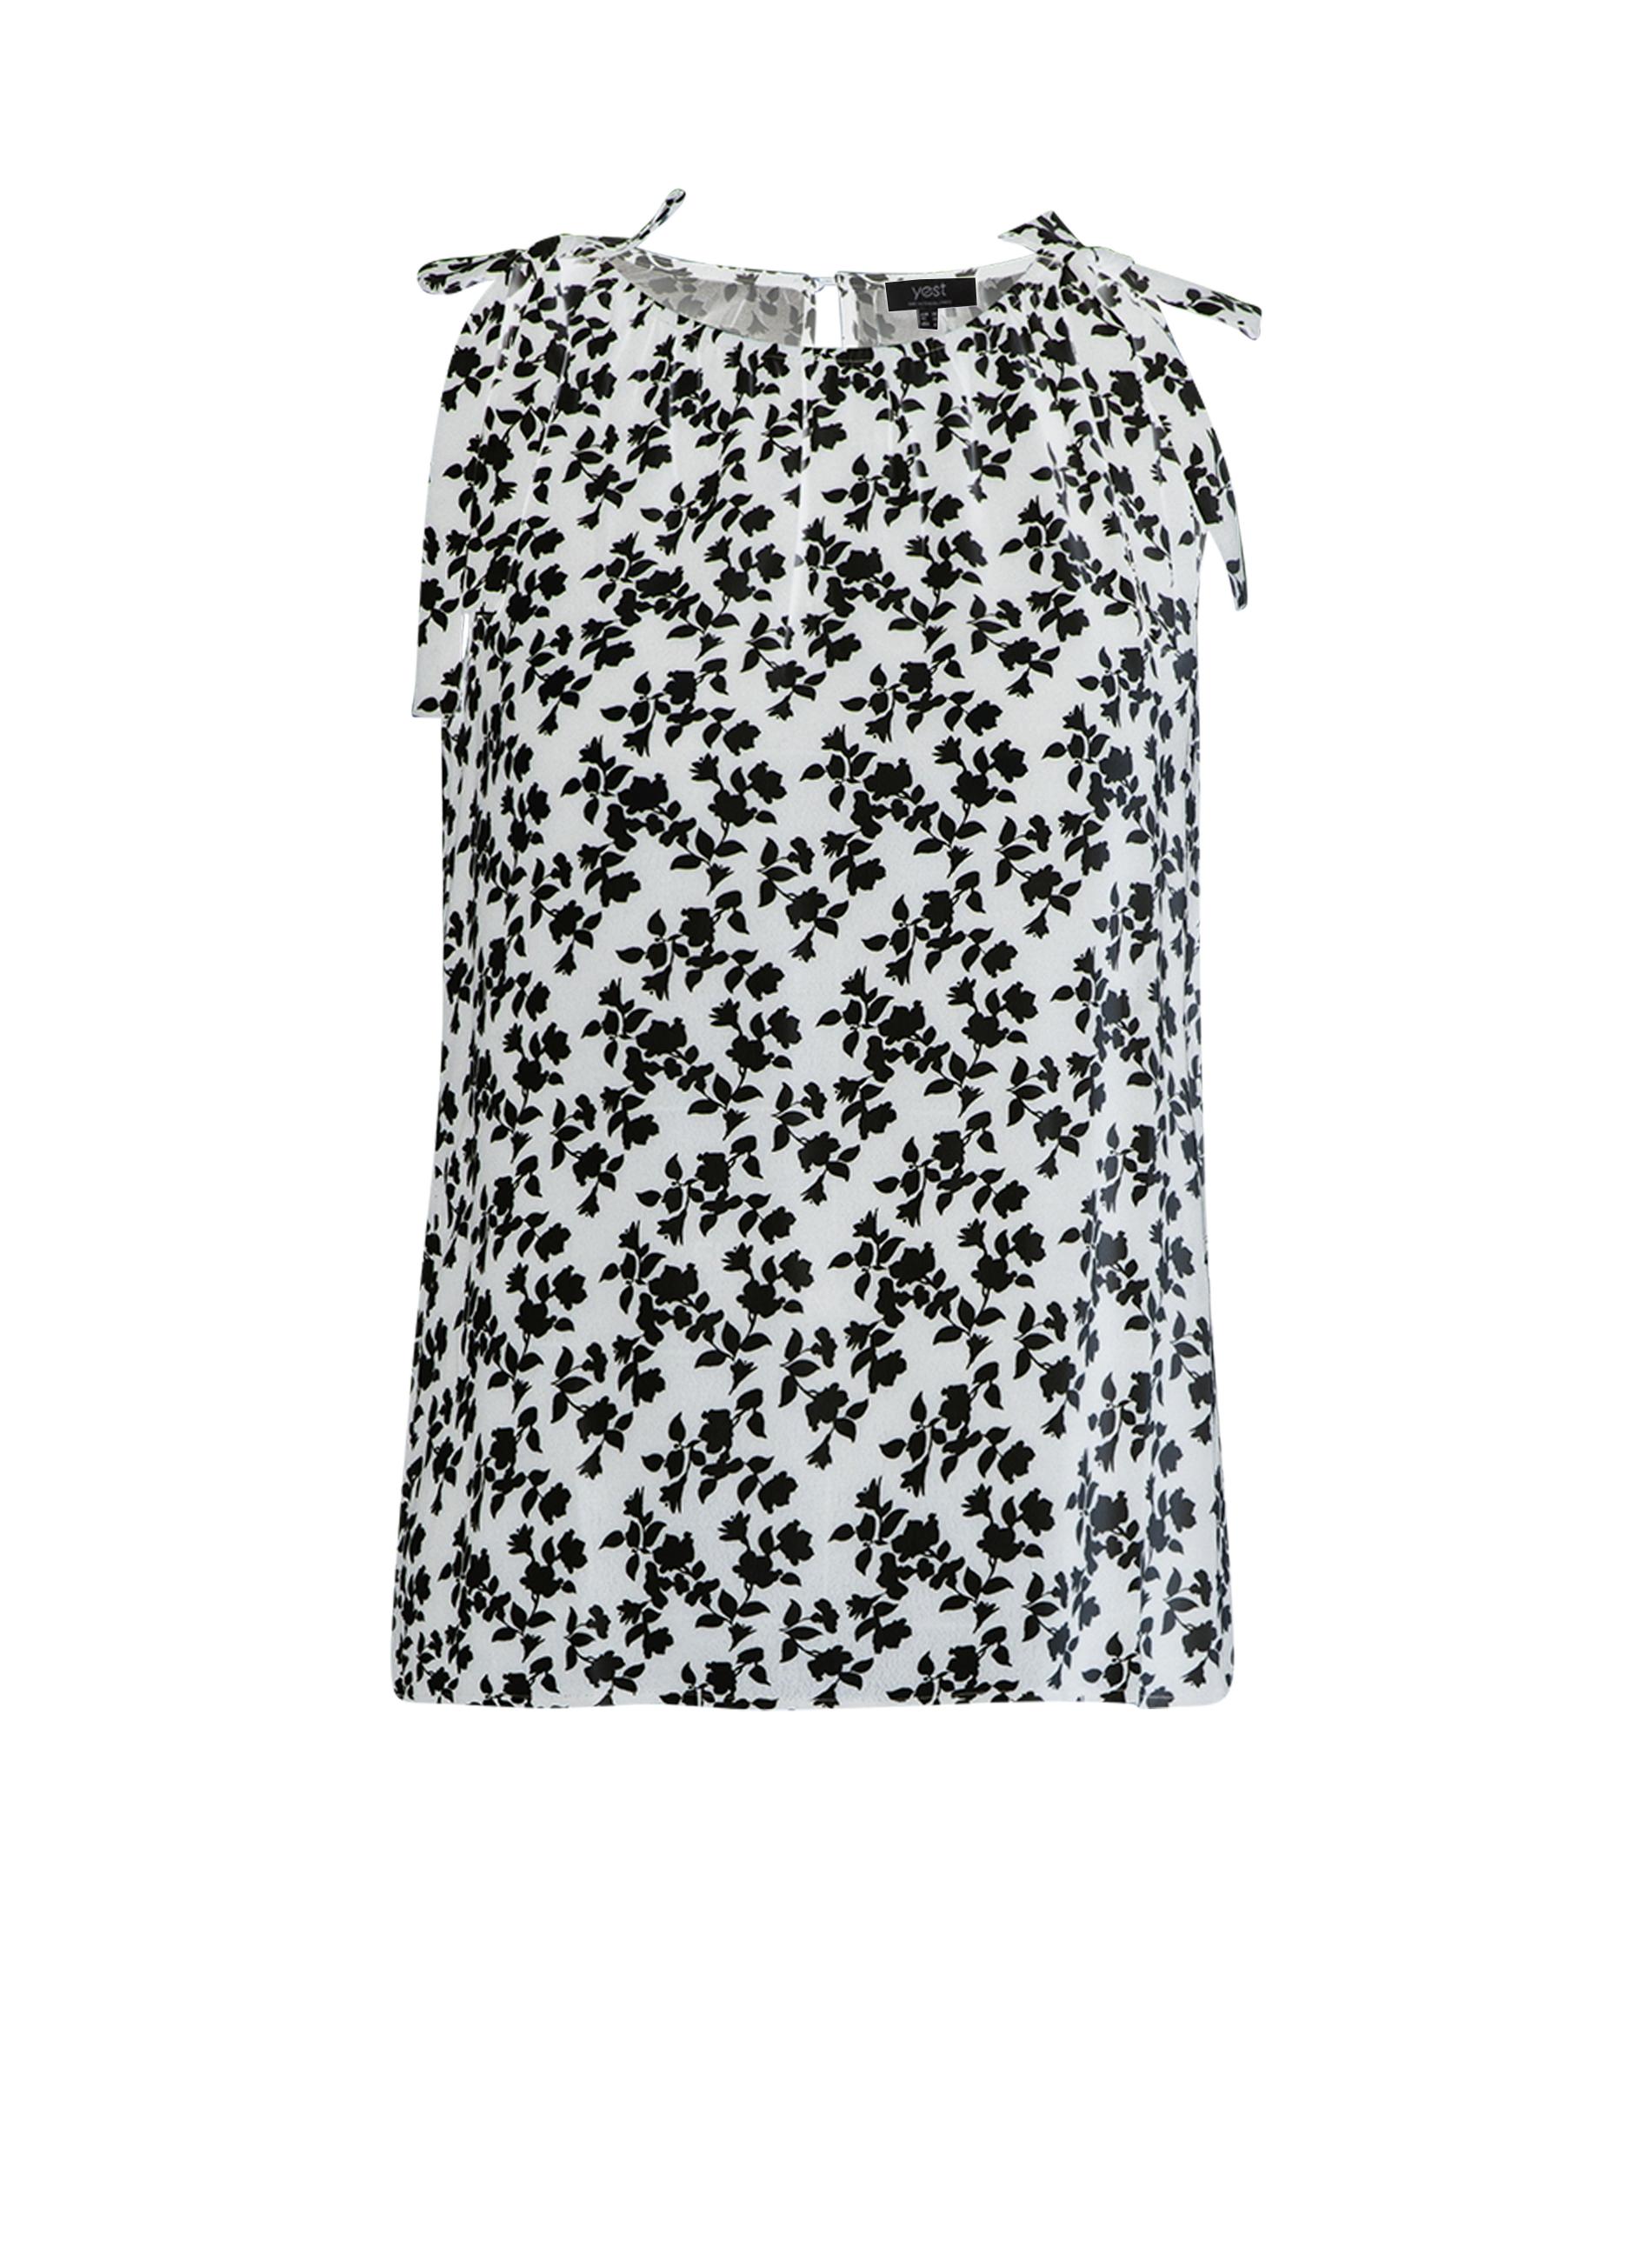 Shirt Josephine 76 cm Yesta